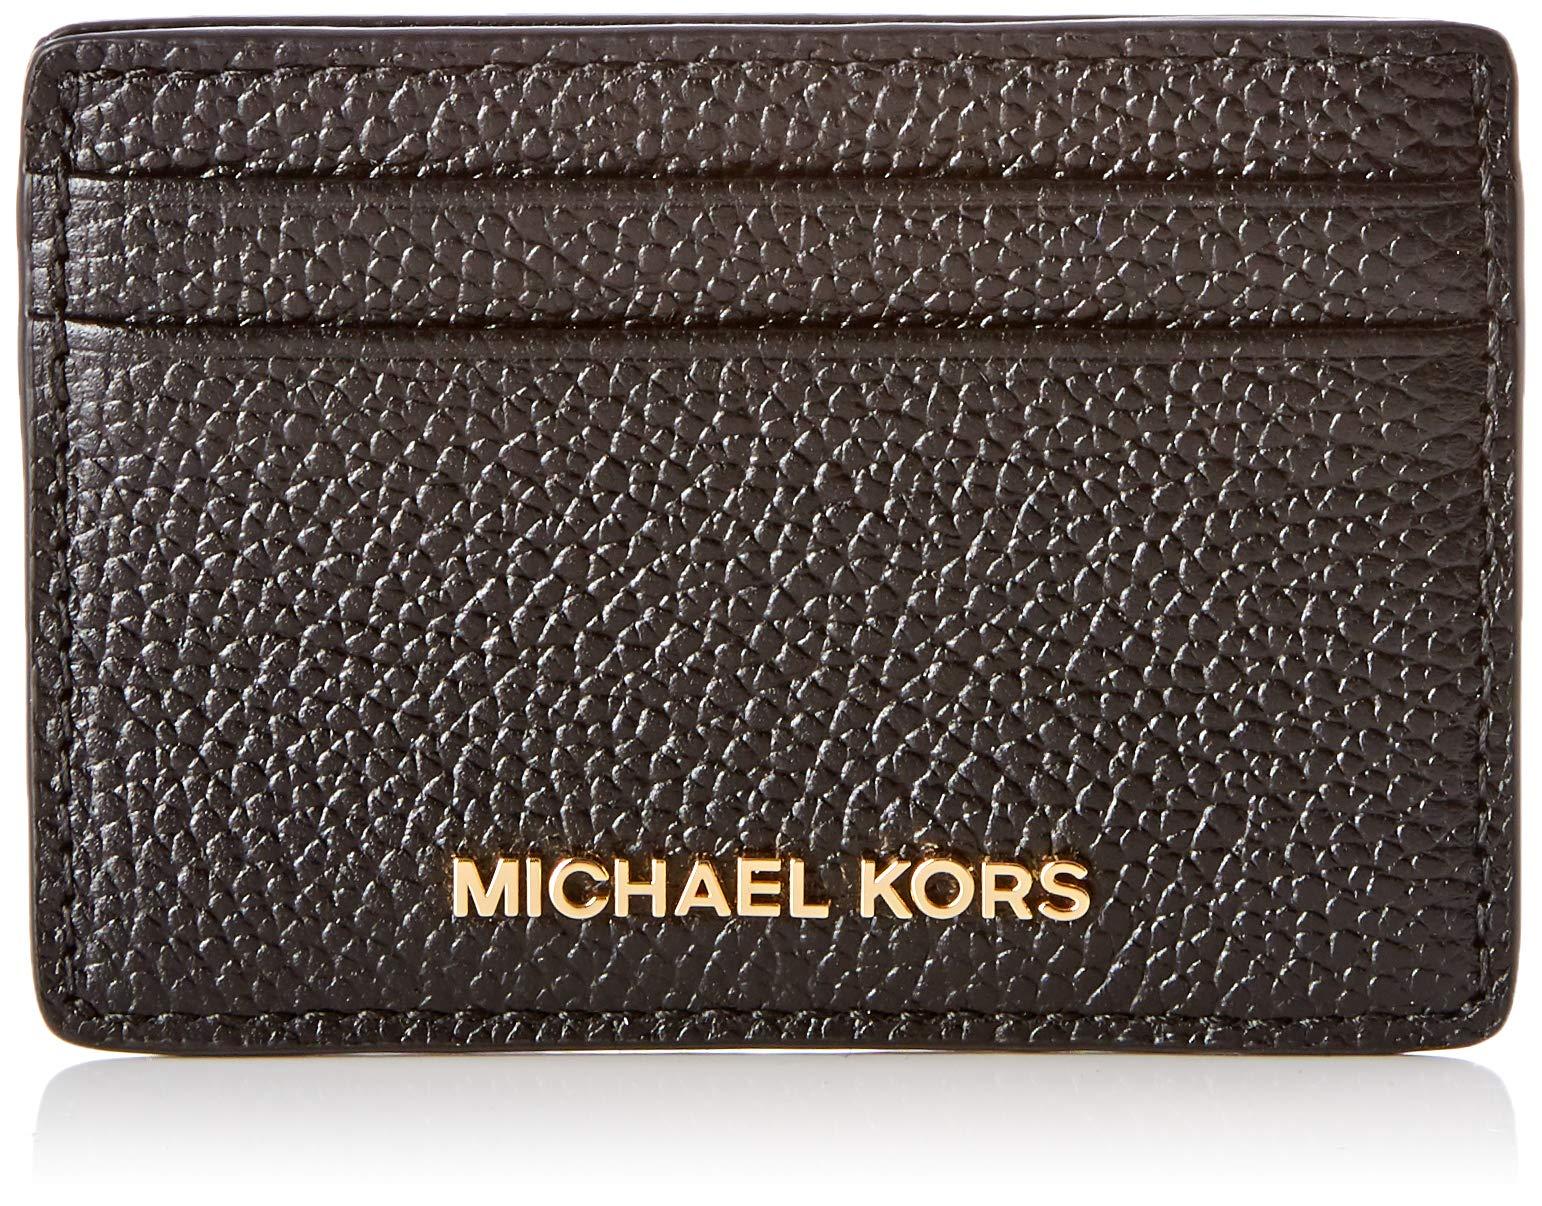 Michael Kors Portefeuille Noirblack Femme Money Pieces qUMVSzp